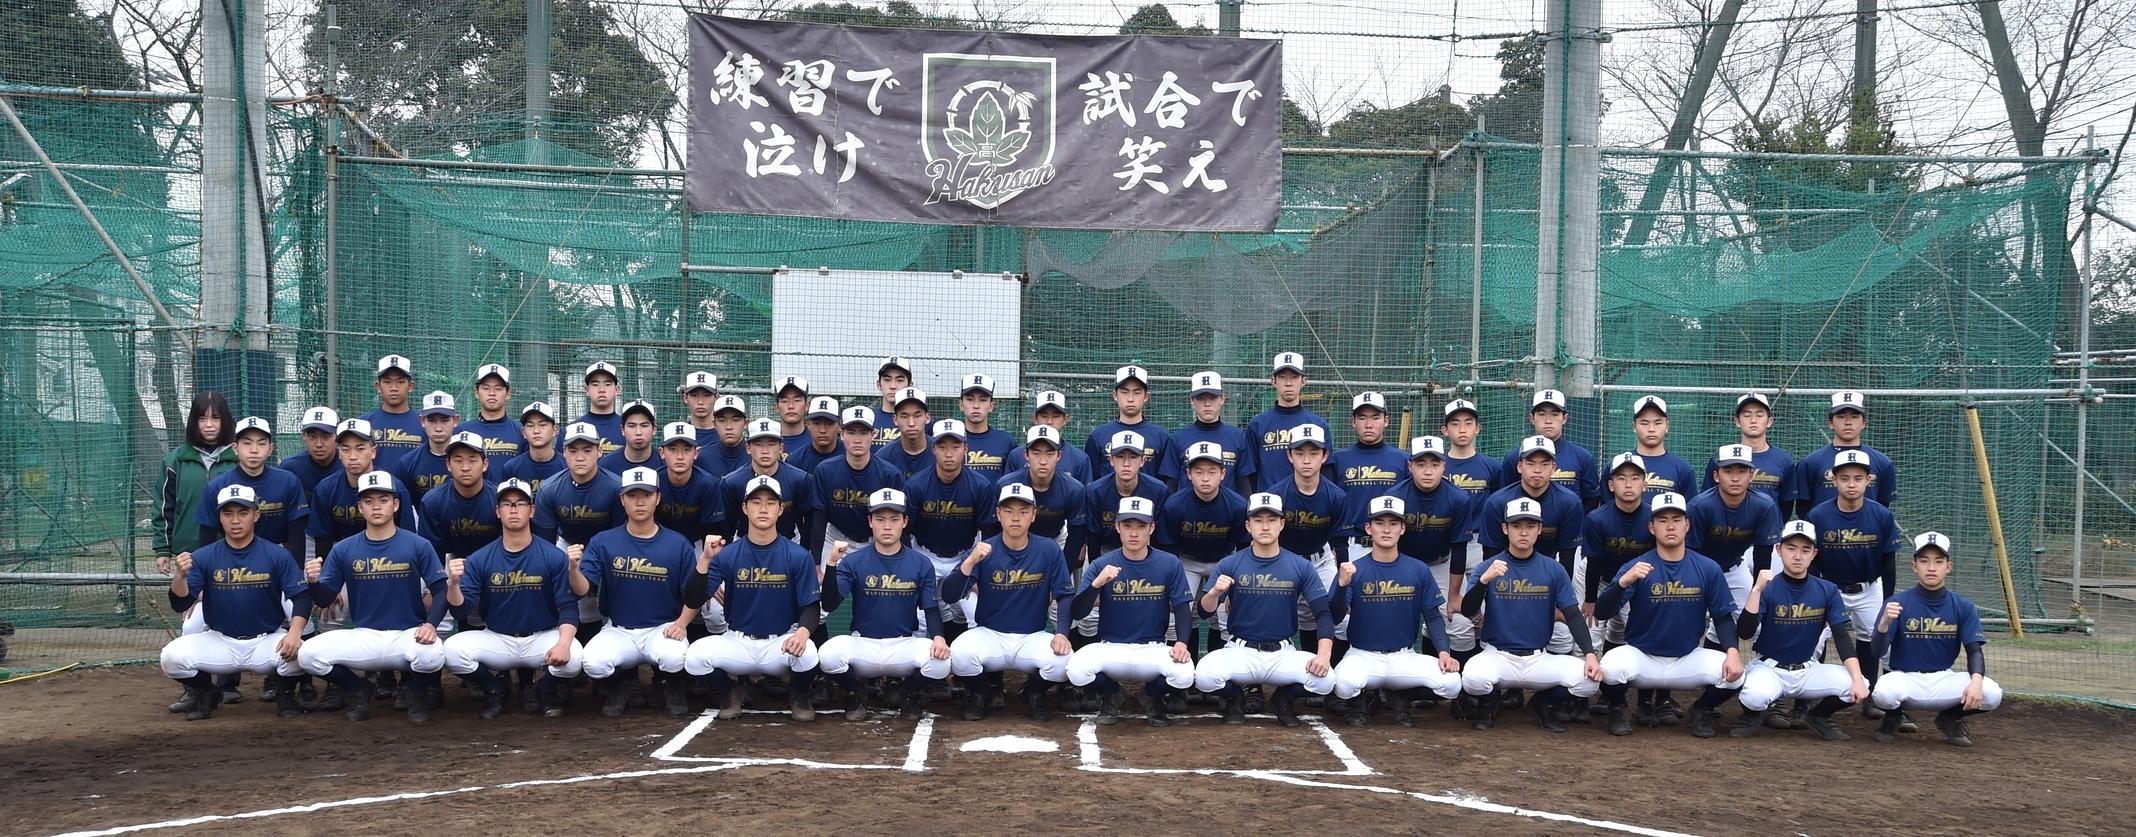 【白山 野球部】「不動心」#白山